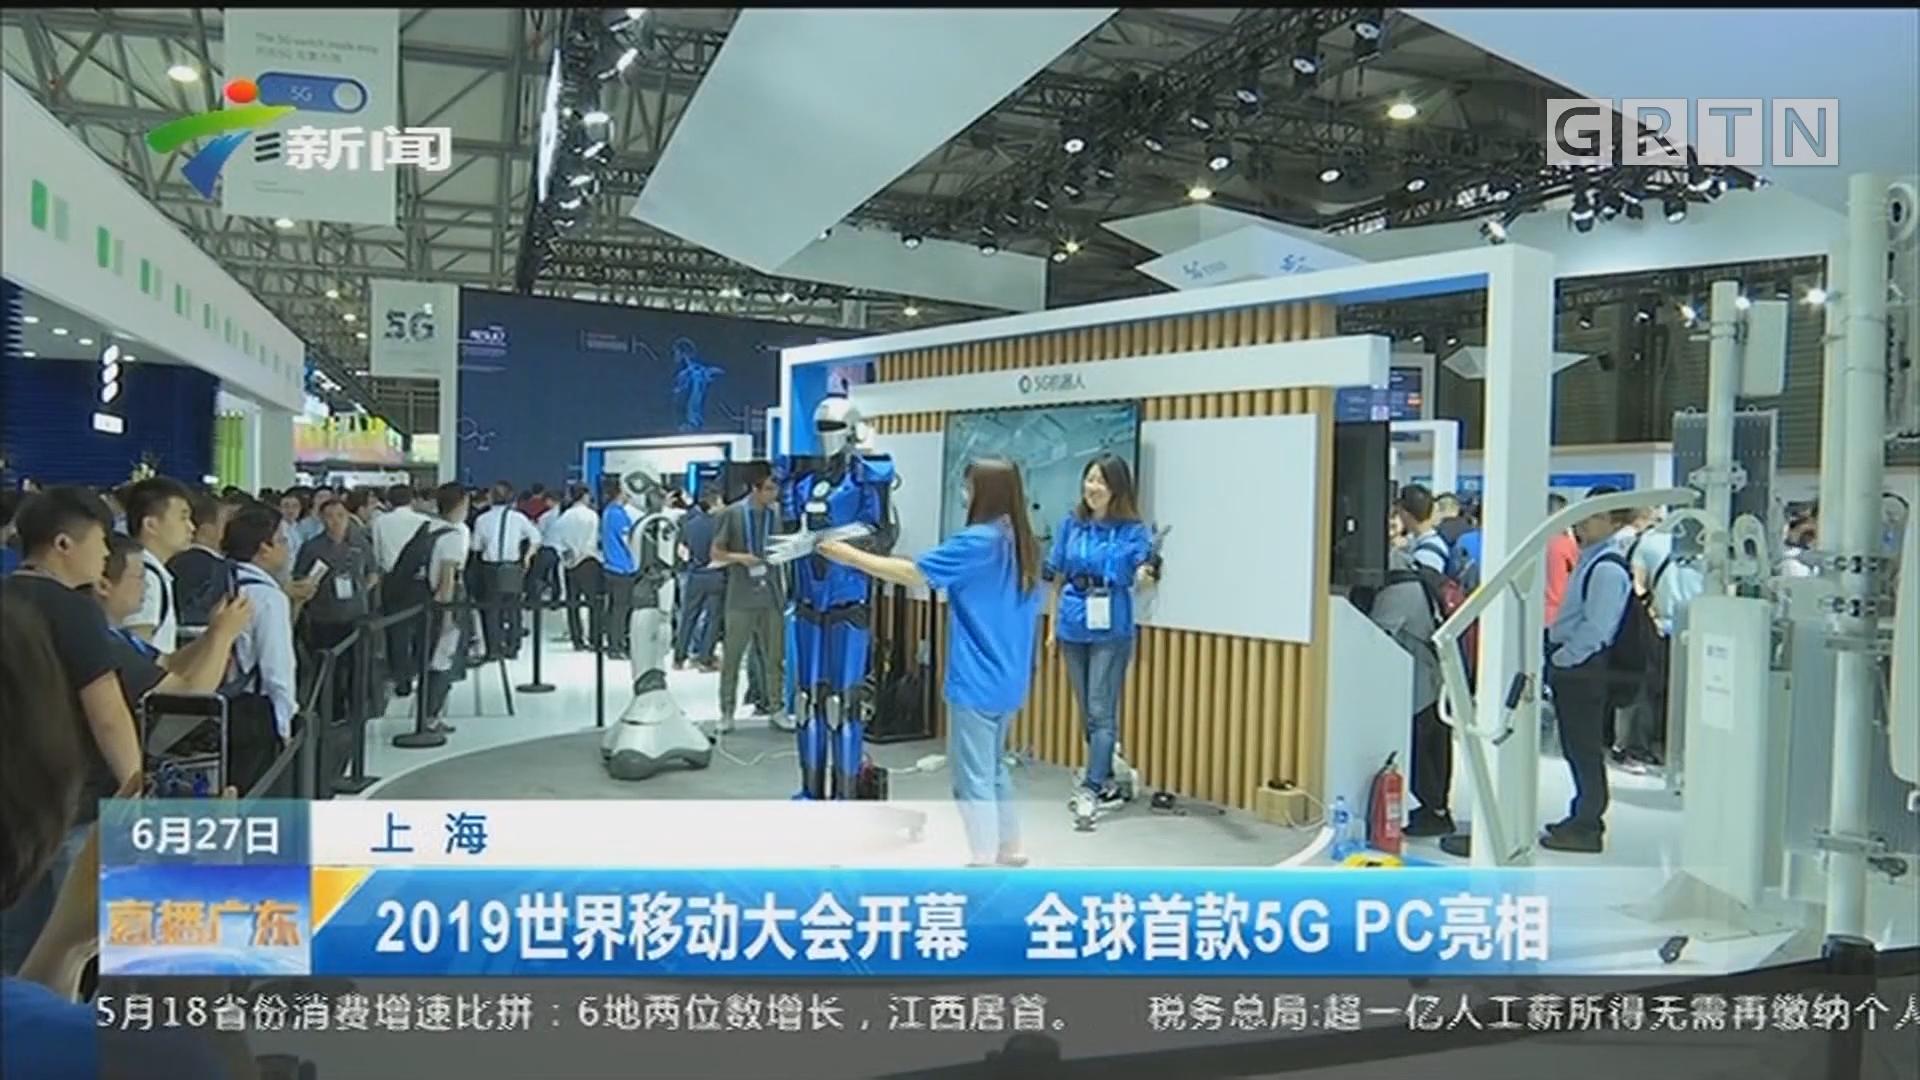 上海:2019世界移动大会开幕 全球首款5G PC亮相